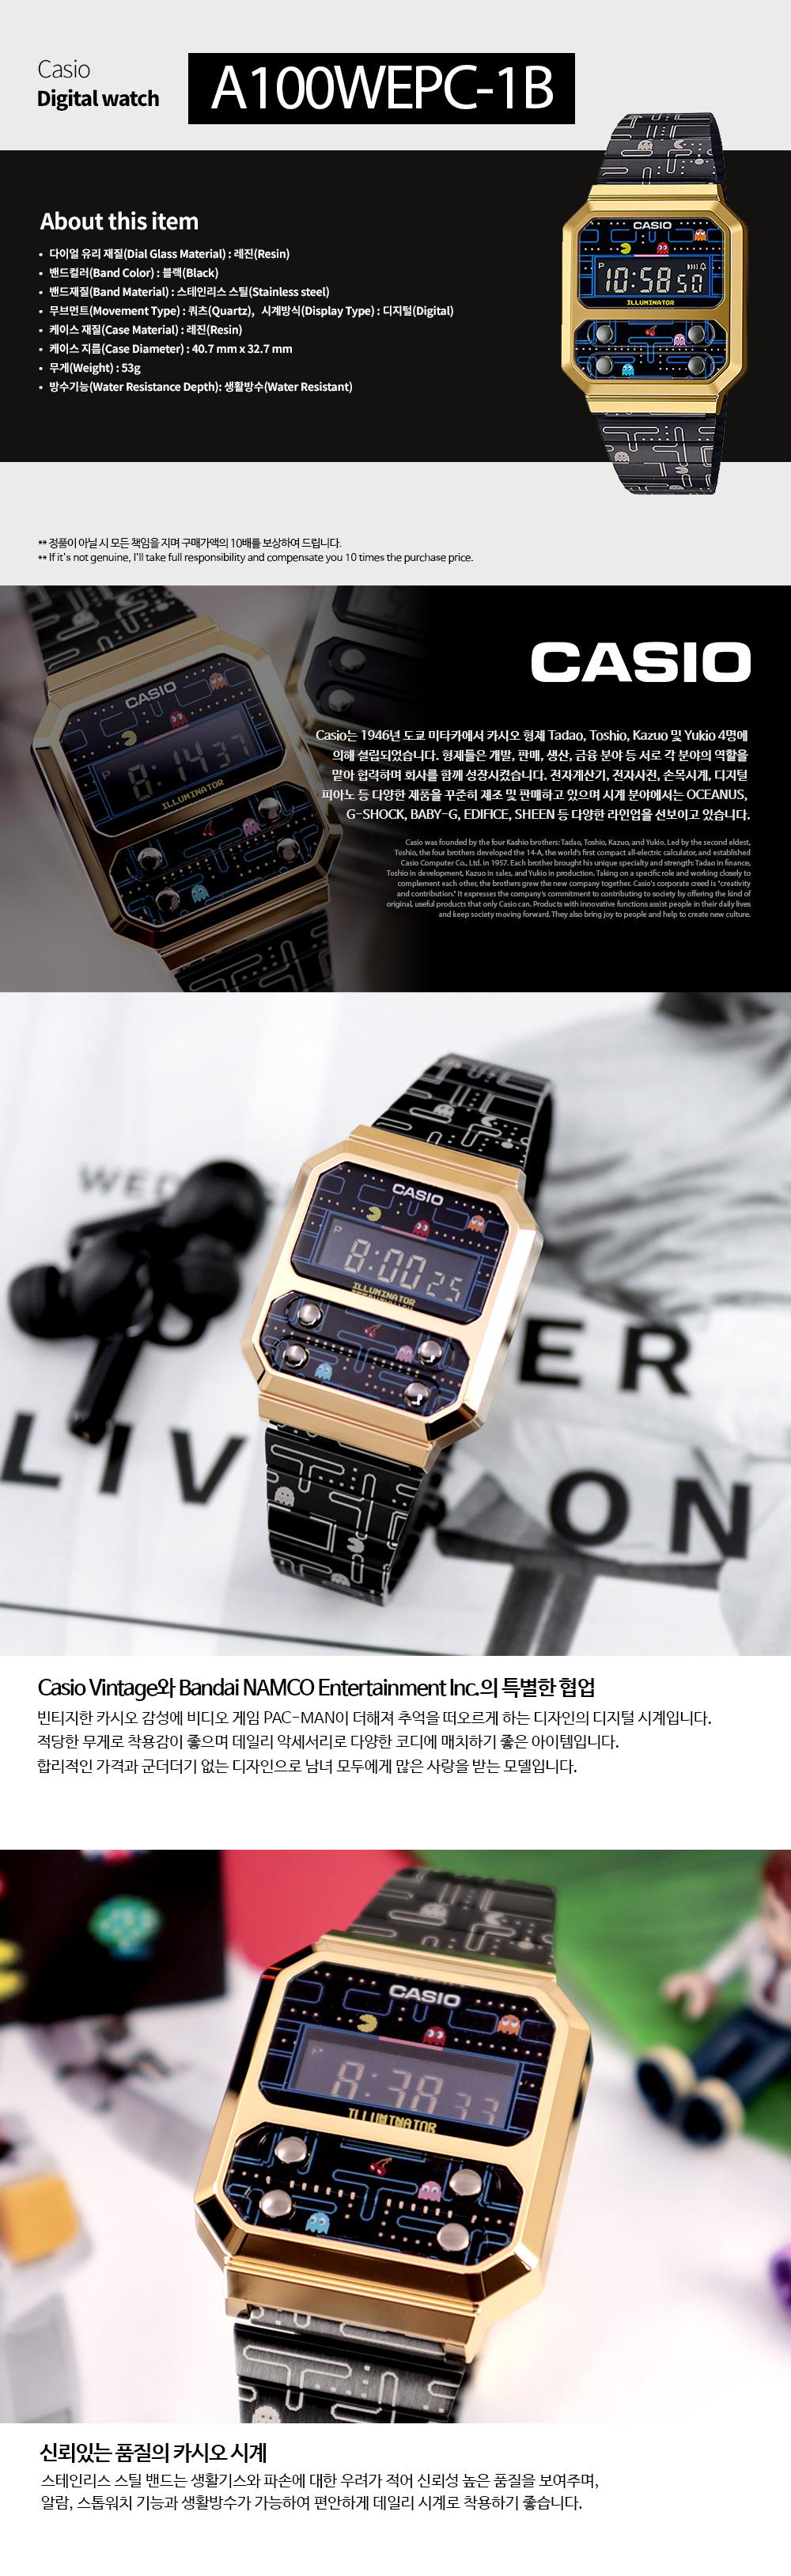 카시오(CASIO) 팩맨 콜라보 빈티지 레트로 시계 A100WEPC-1B